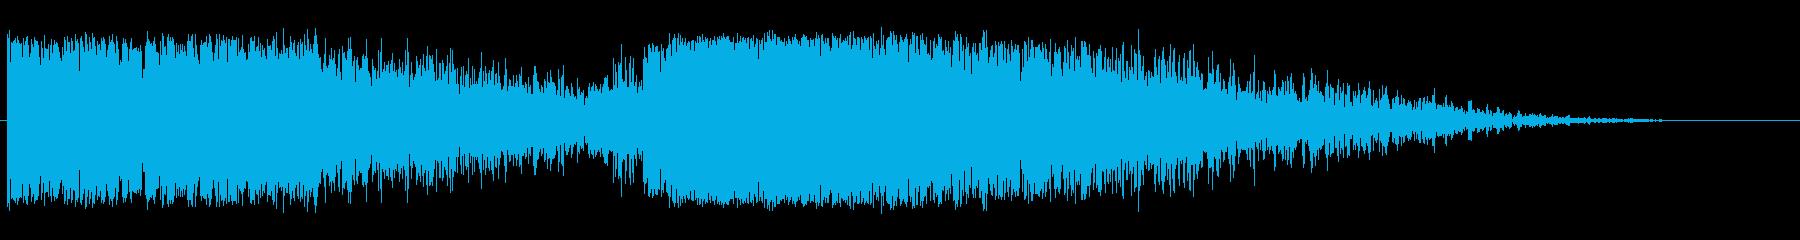 天体衝突1の再生済みの波形